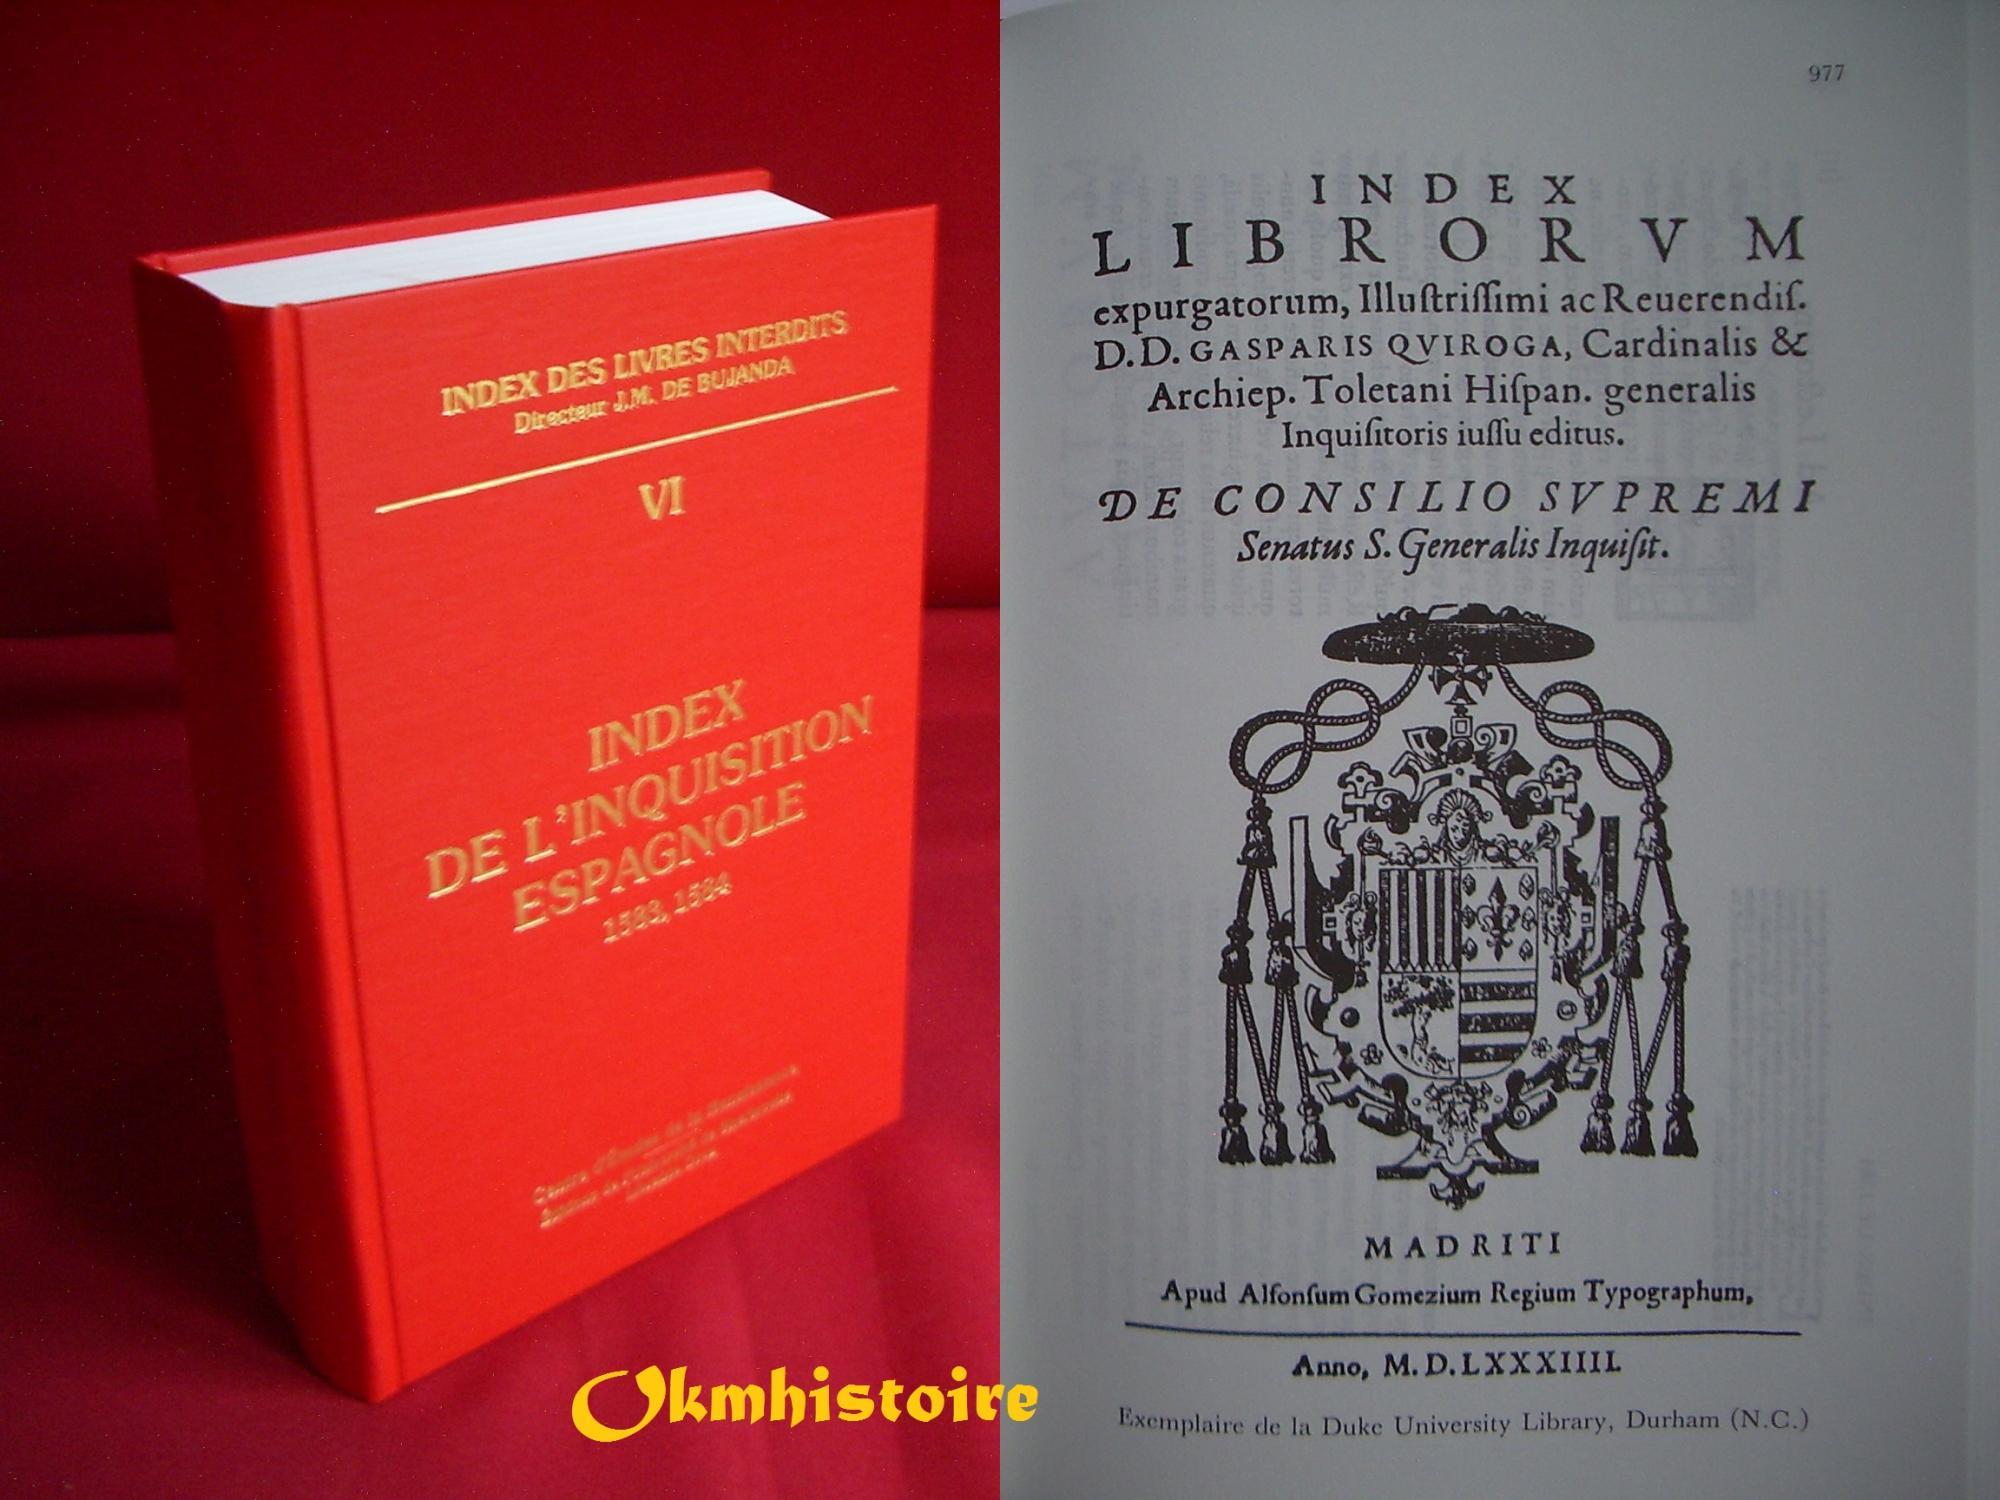 Index des livres interdits. ---------- TOME 6 , Index de l'Inquisition espagnole : 1583 - 1584 - J.-M. De Bujanda [ sous la direction de ] [ avec l'assistance de René Davignon, Ela Stanek, Marcella Richter ]